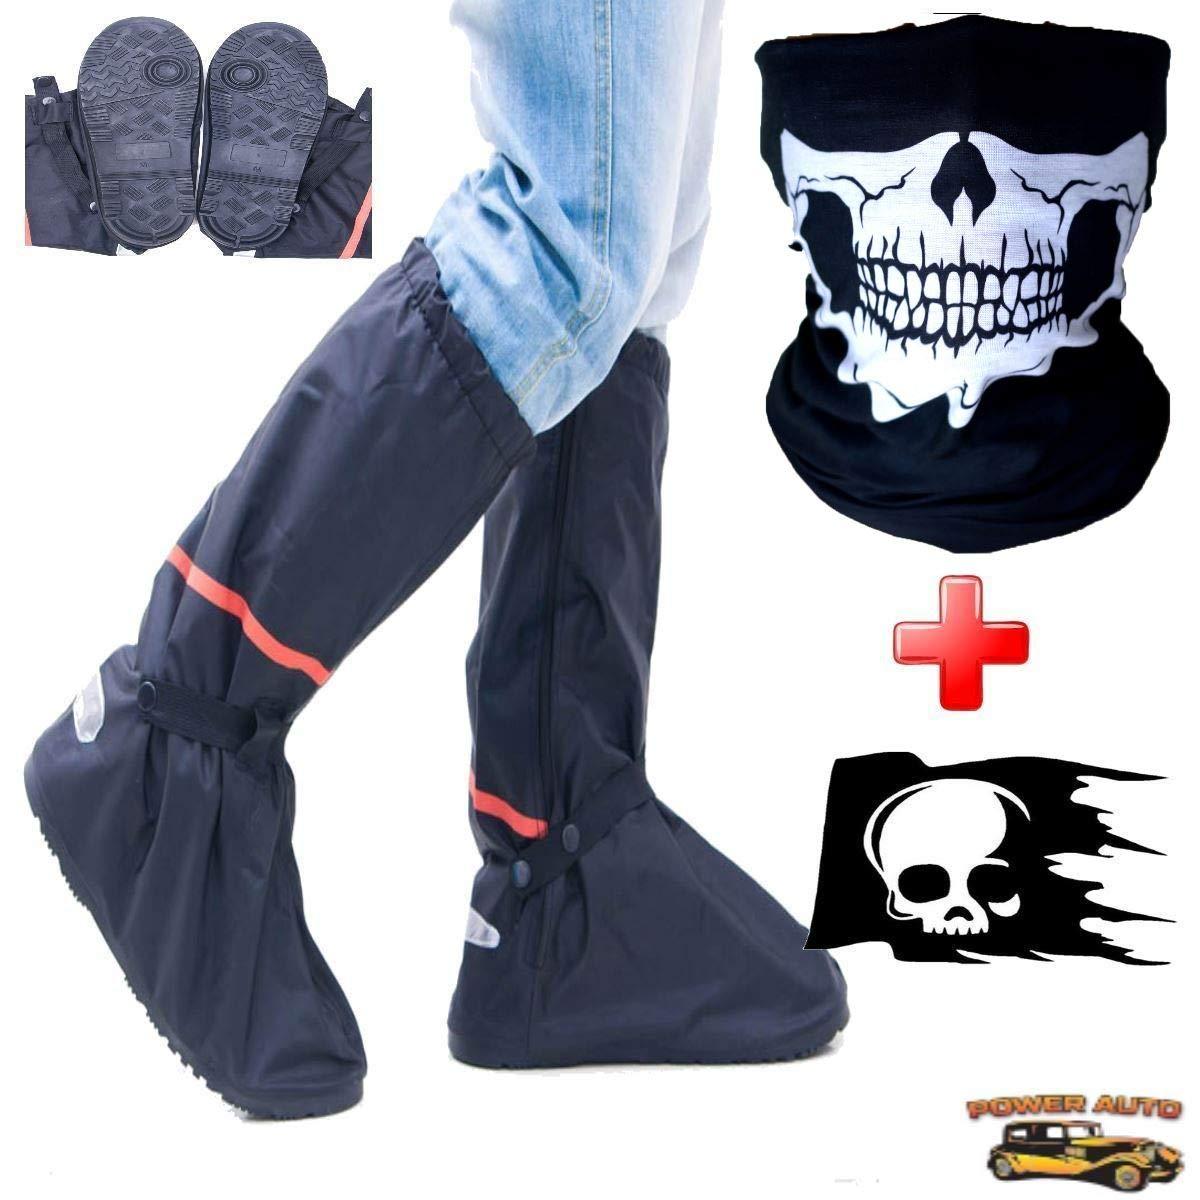 摩托车靴套 - 全鞋一脚蹬 w/便携包、贴花和面罩 X大码 黑色 PA-RainBoots